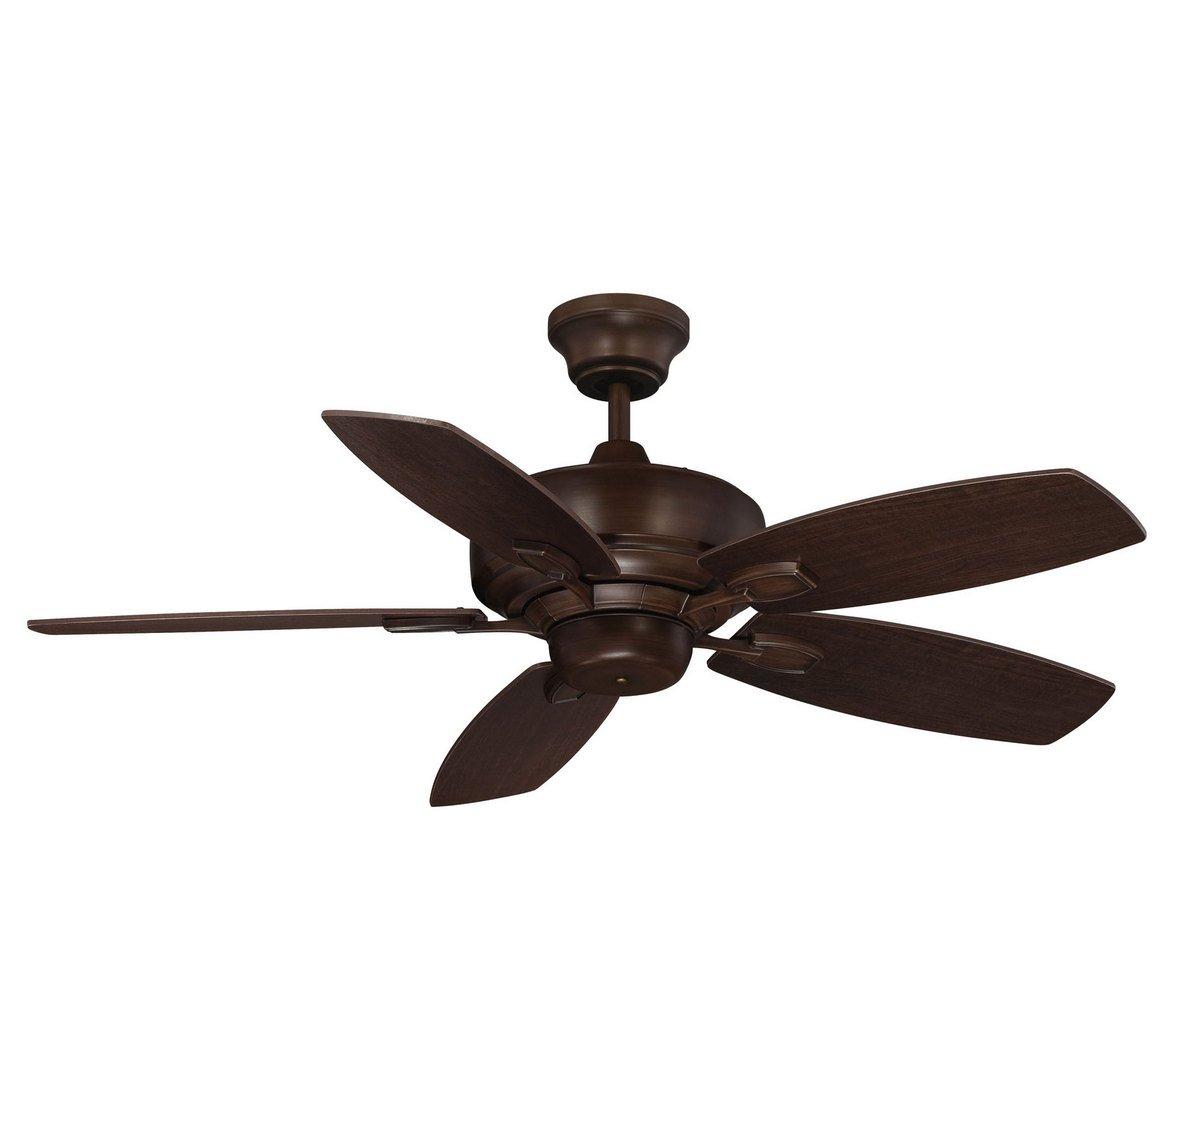 Savoy House 42-830-5RV-129 Wind Star Ceiling Fan,42'', Espresso